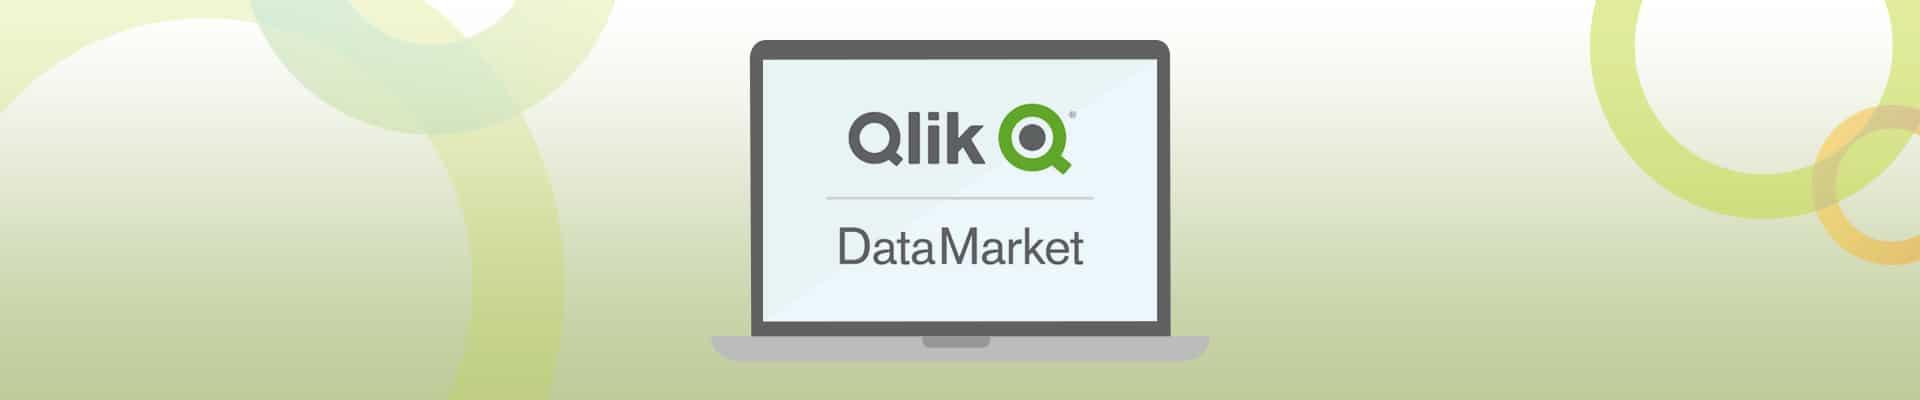 qlik datamarket,qlik data, qlik, qliktech,qlik sense, data analyse,business intelligence, e-mergo.nl